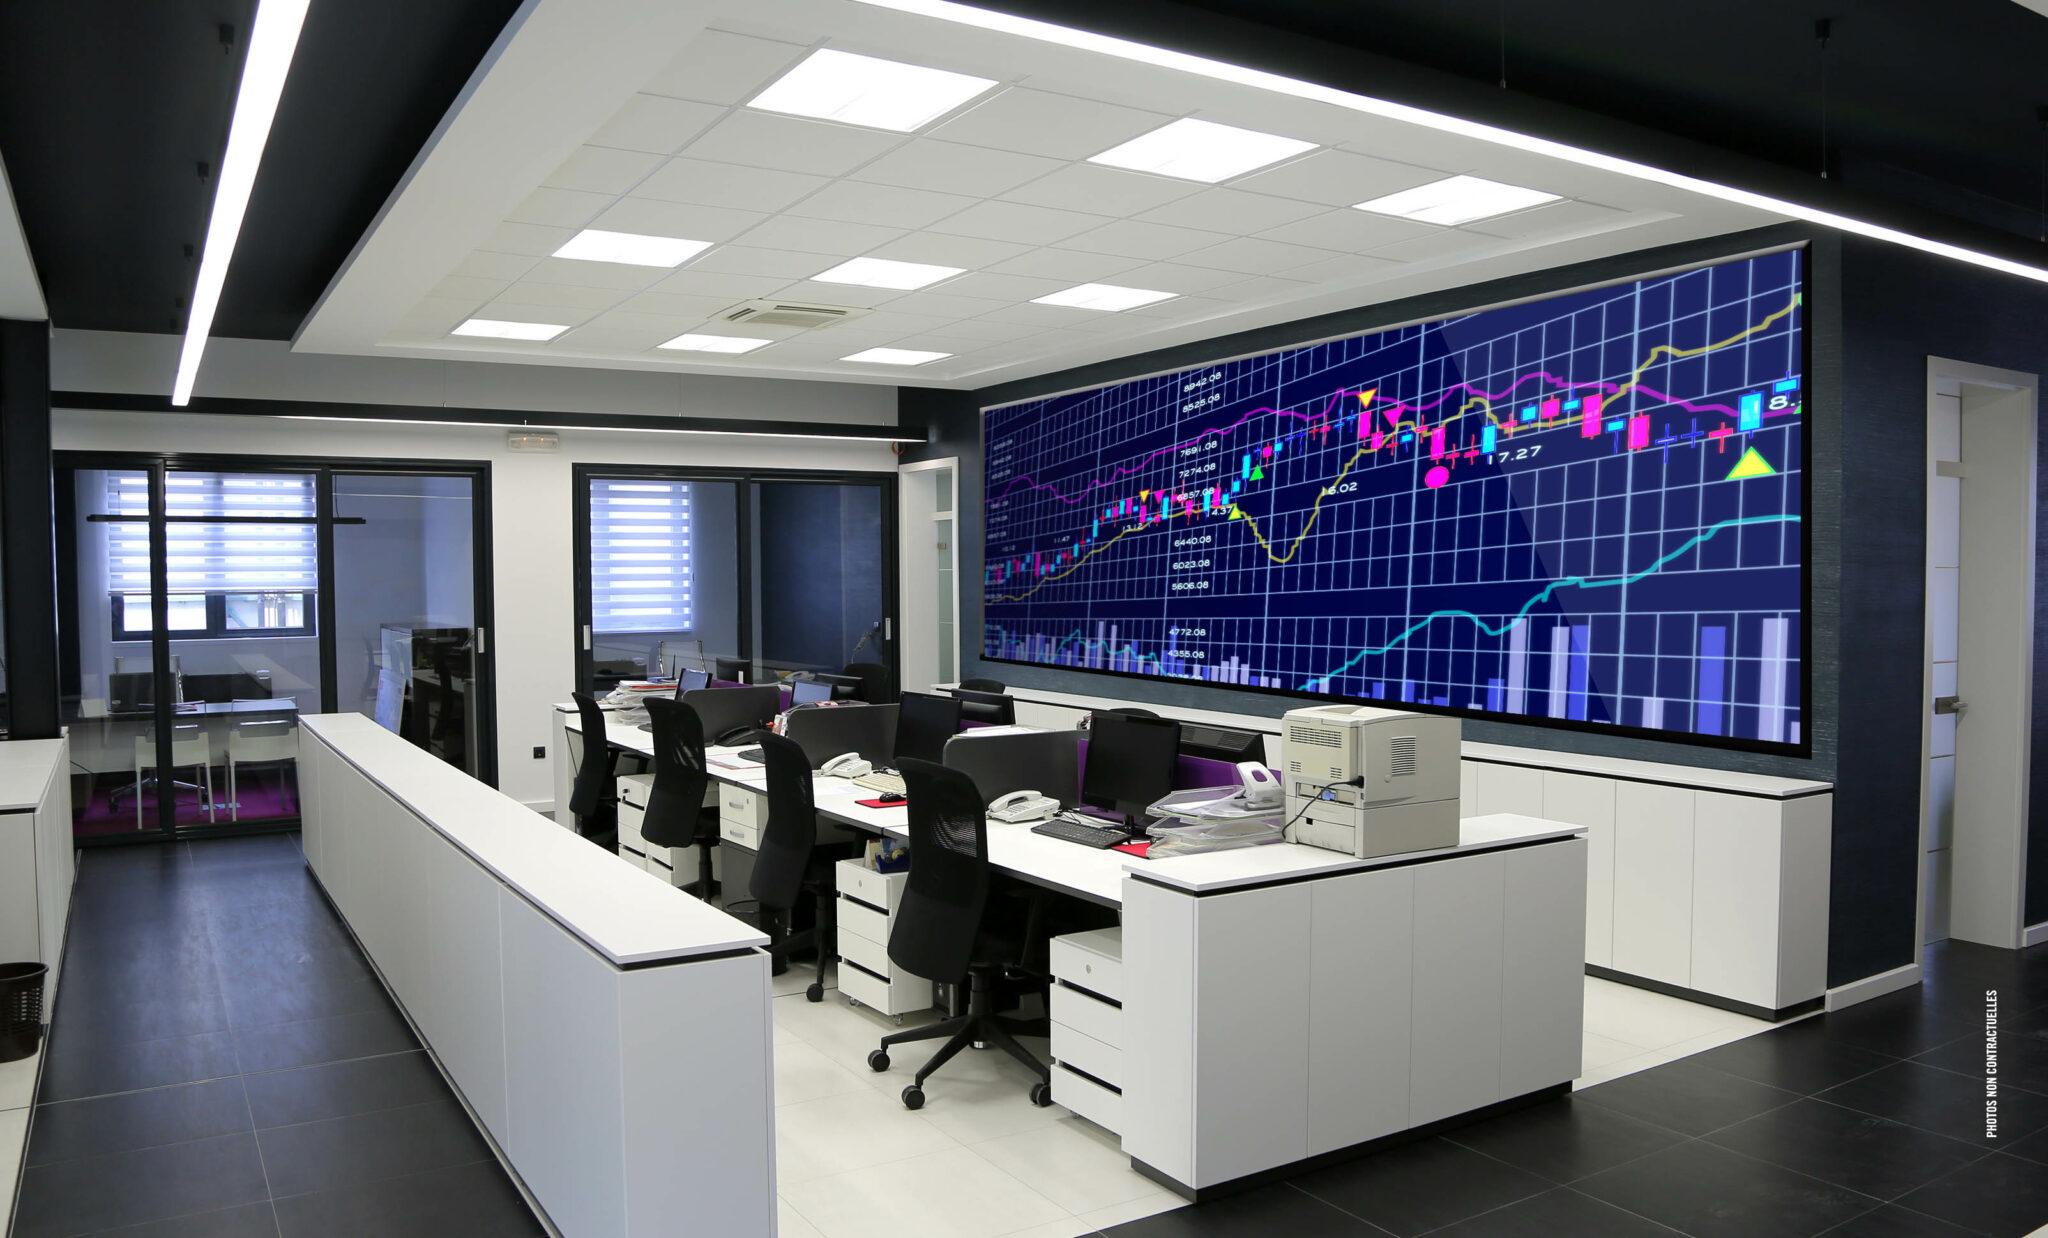 Les dalles pour mur d'images, affichage LED bénéficient d'une ergonomie entièrement pensée pour faciliter l'intégration dans tout type de support avec un minimum d'infrastructure.